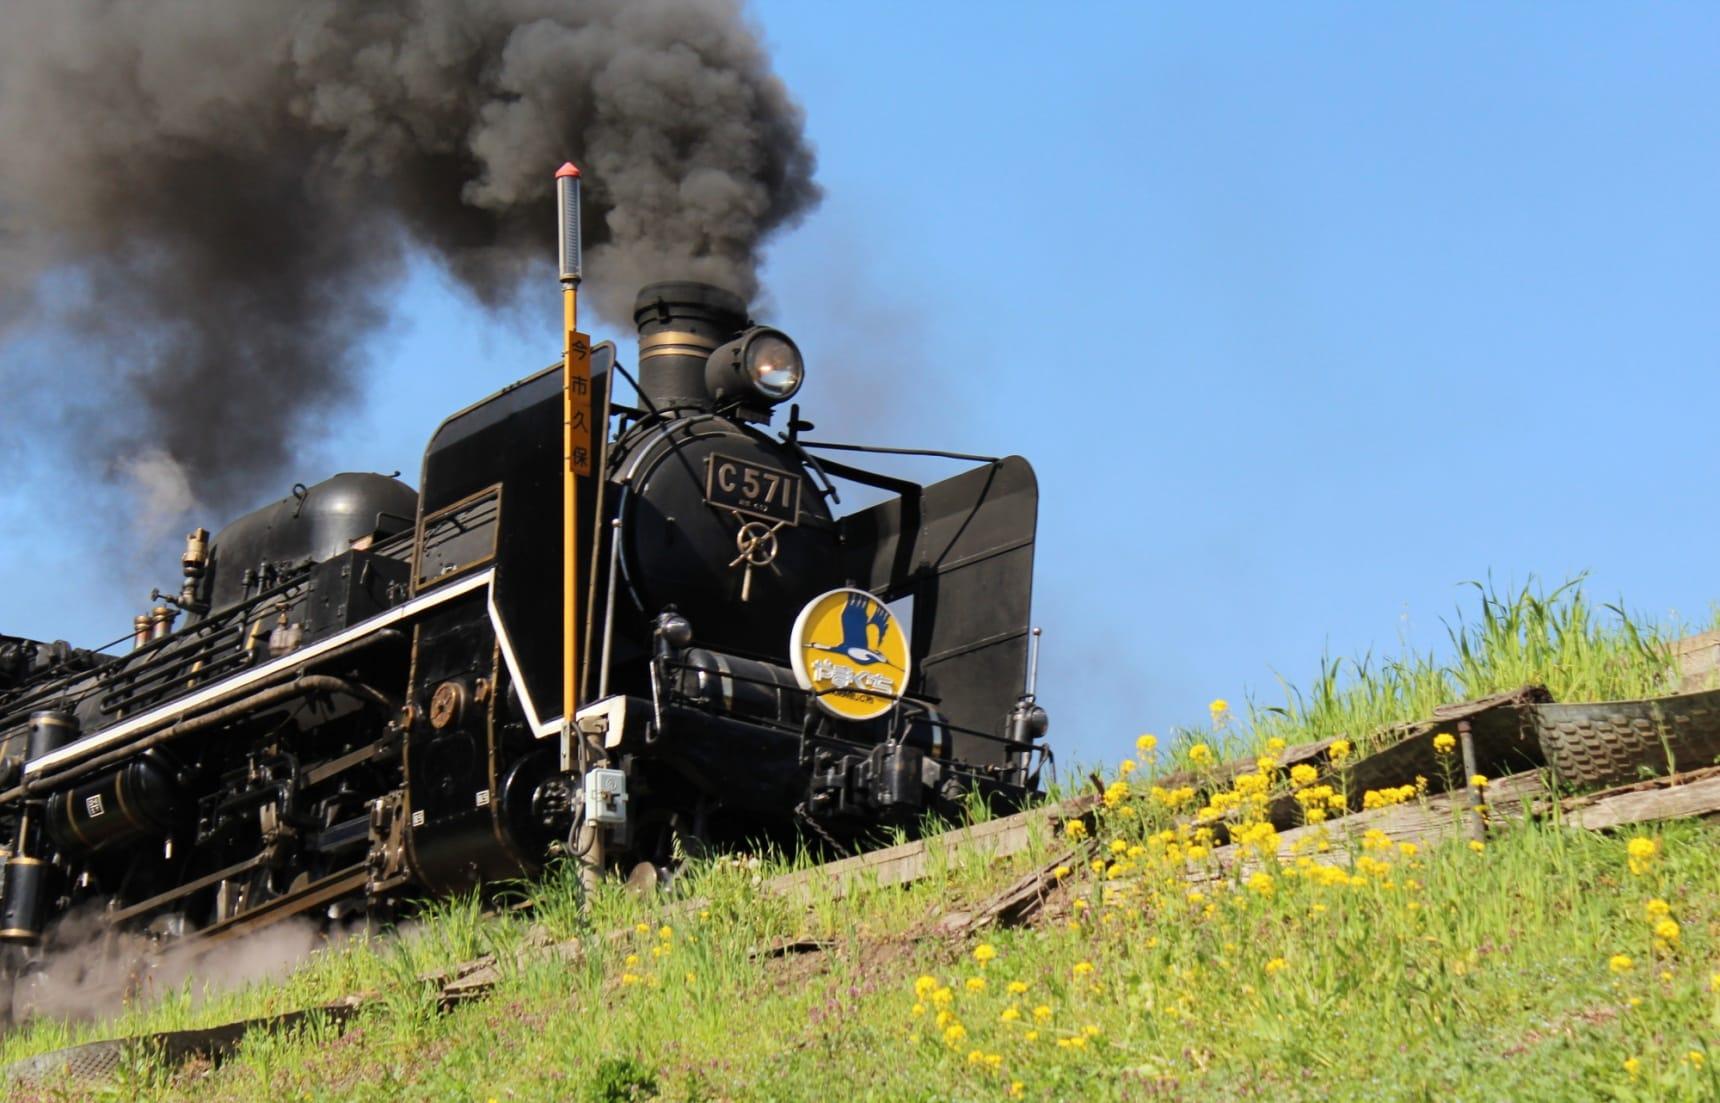 一日鐵道迷!搭乘蒸汽火車「SL山口號」來趟懷舊浪漫之旅